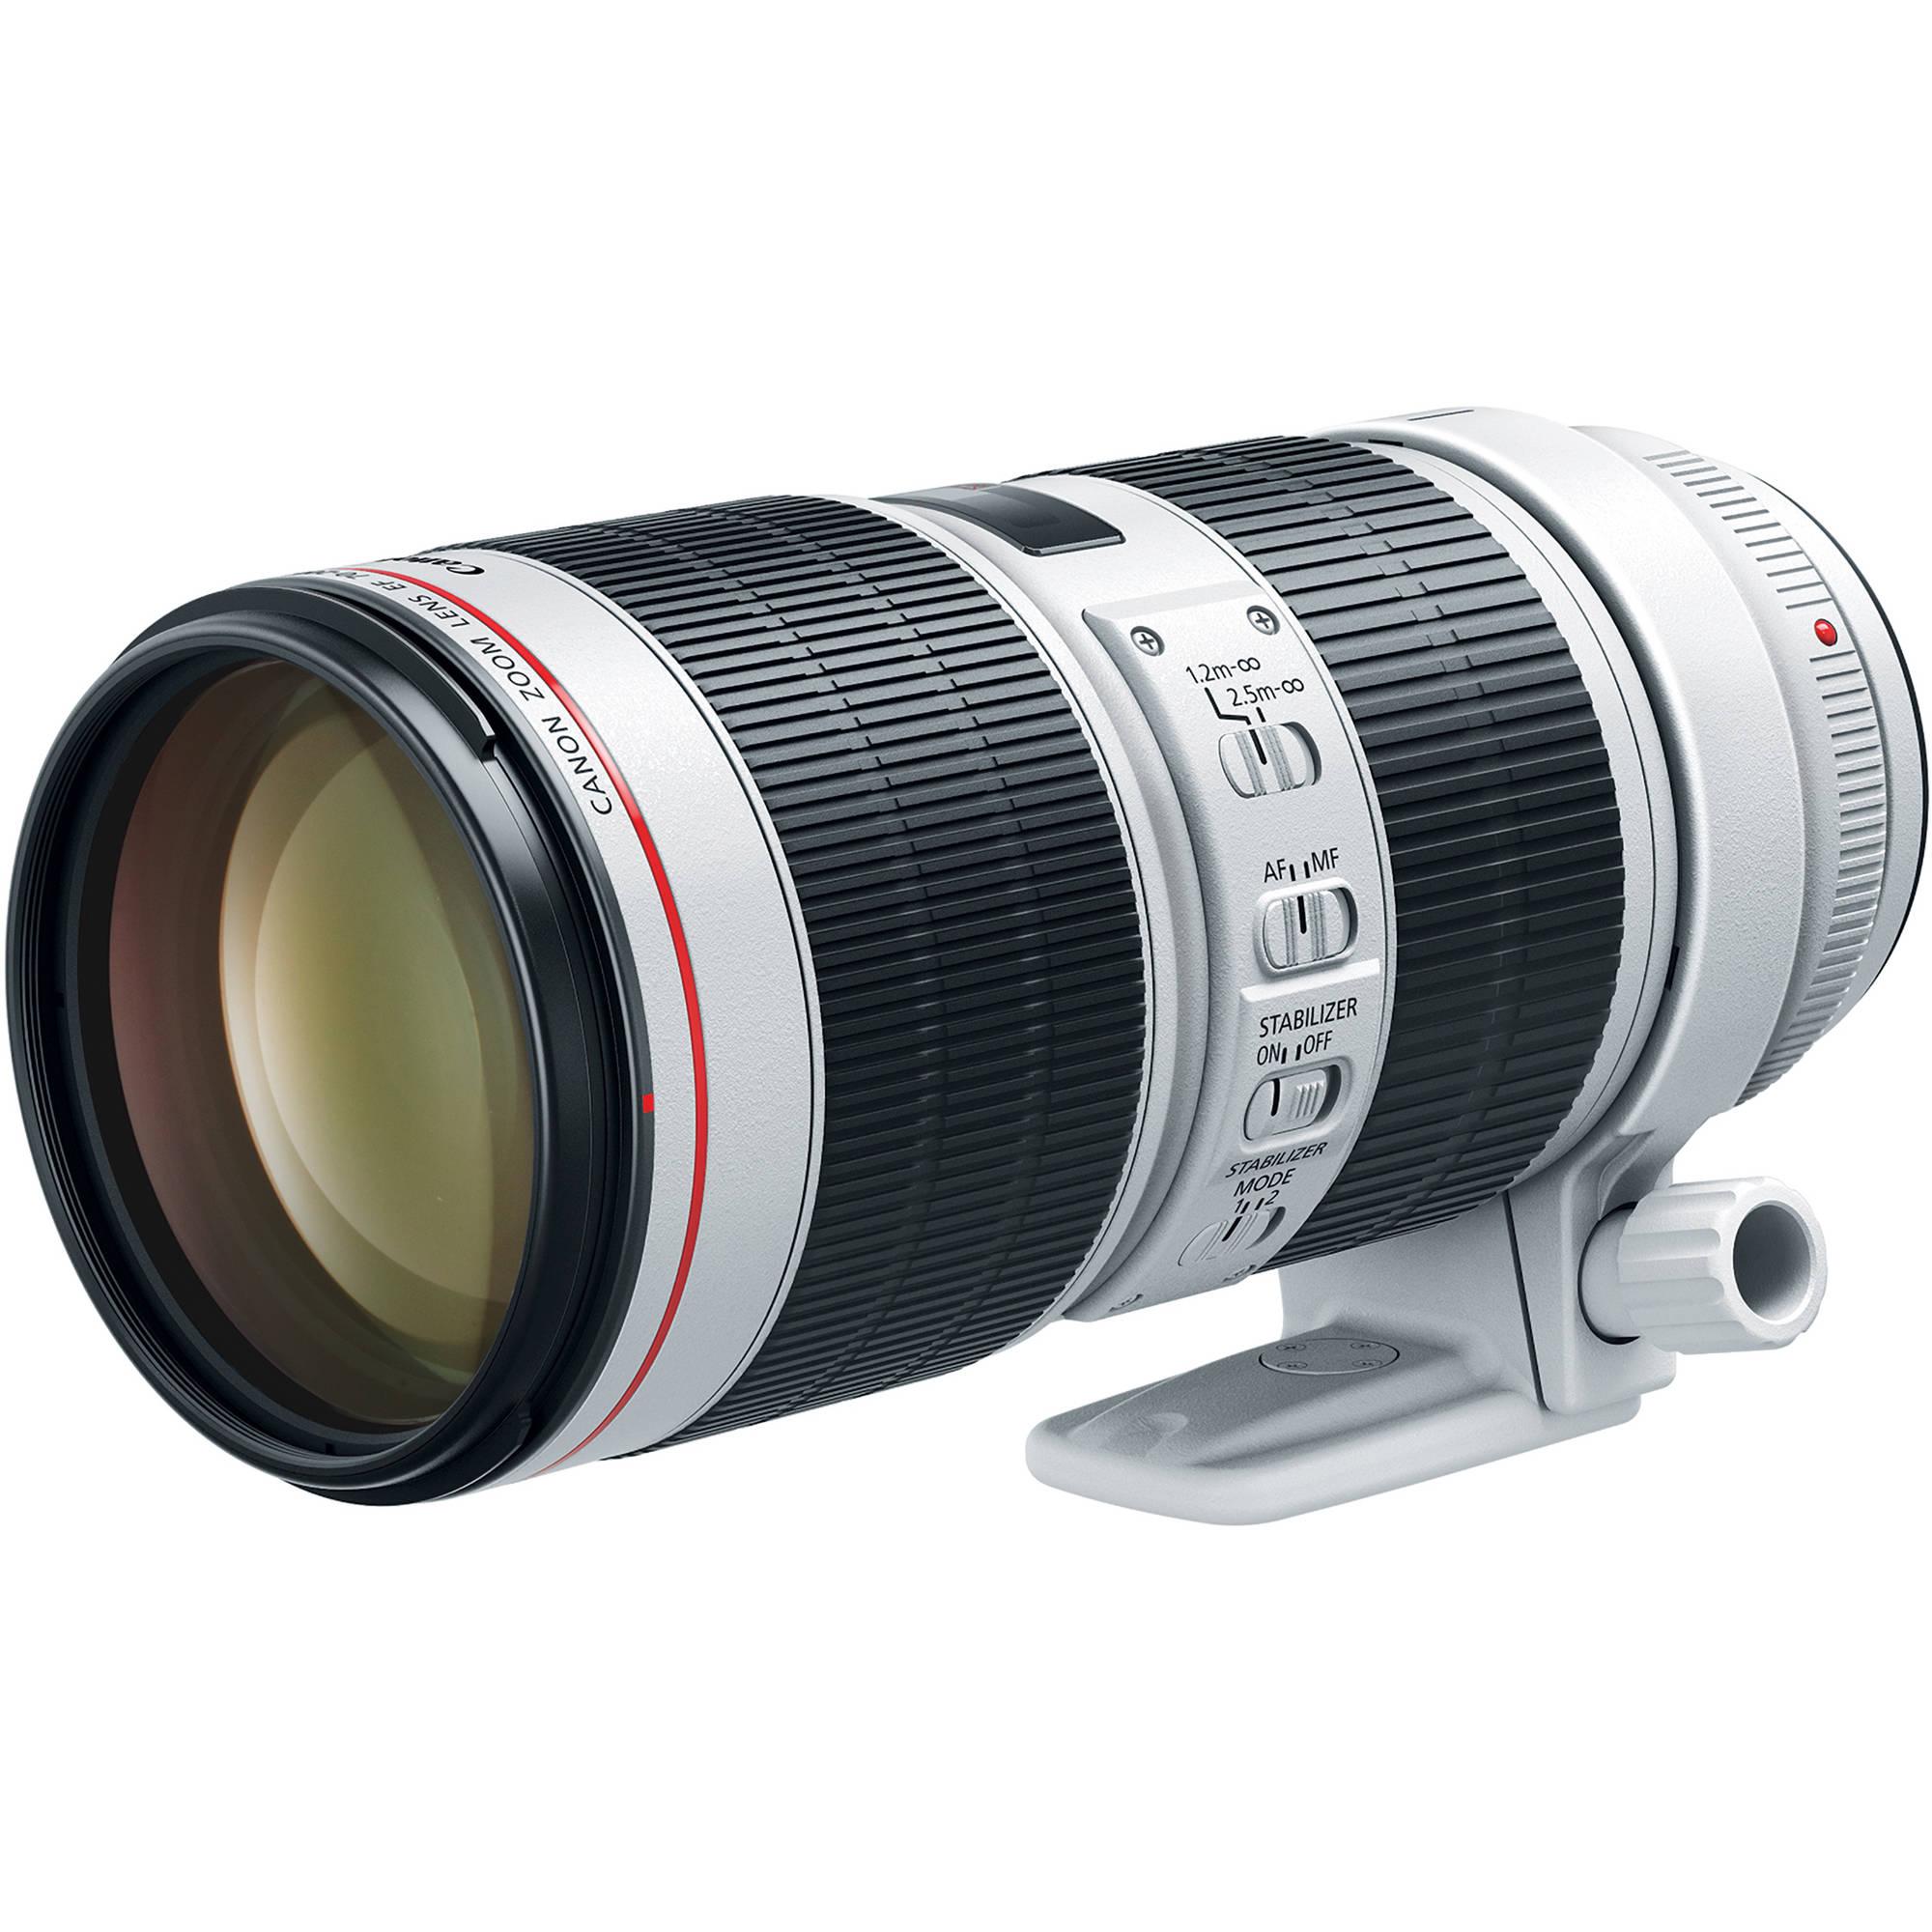 Canon Ef 70-200Mm F/2.8L Is Iii Usm Lens 3044C002 B&Amp;H Photo Video